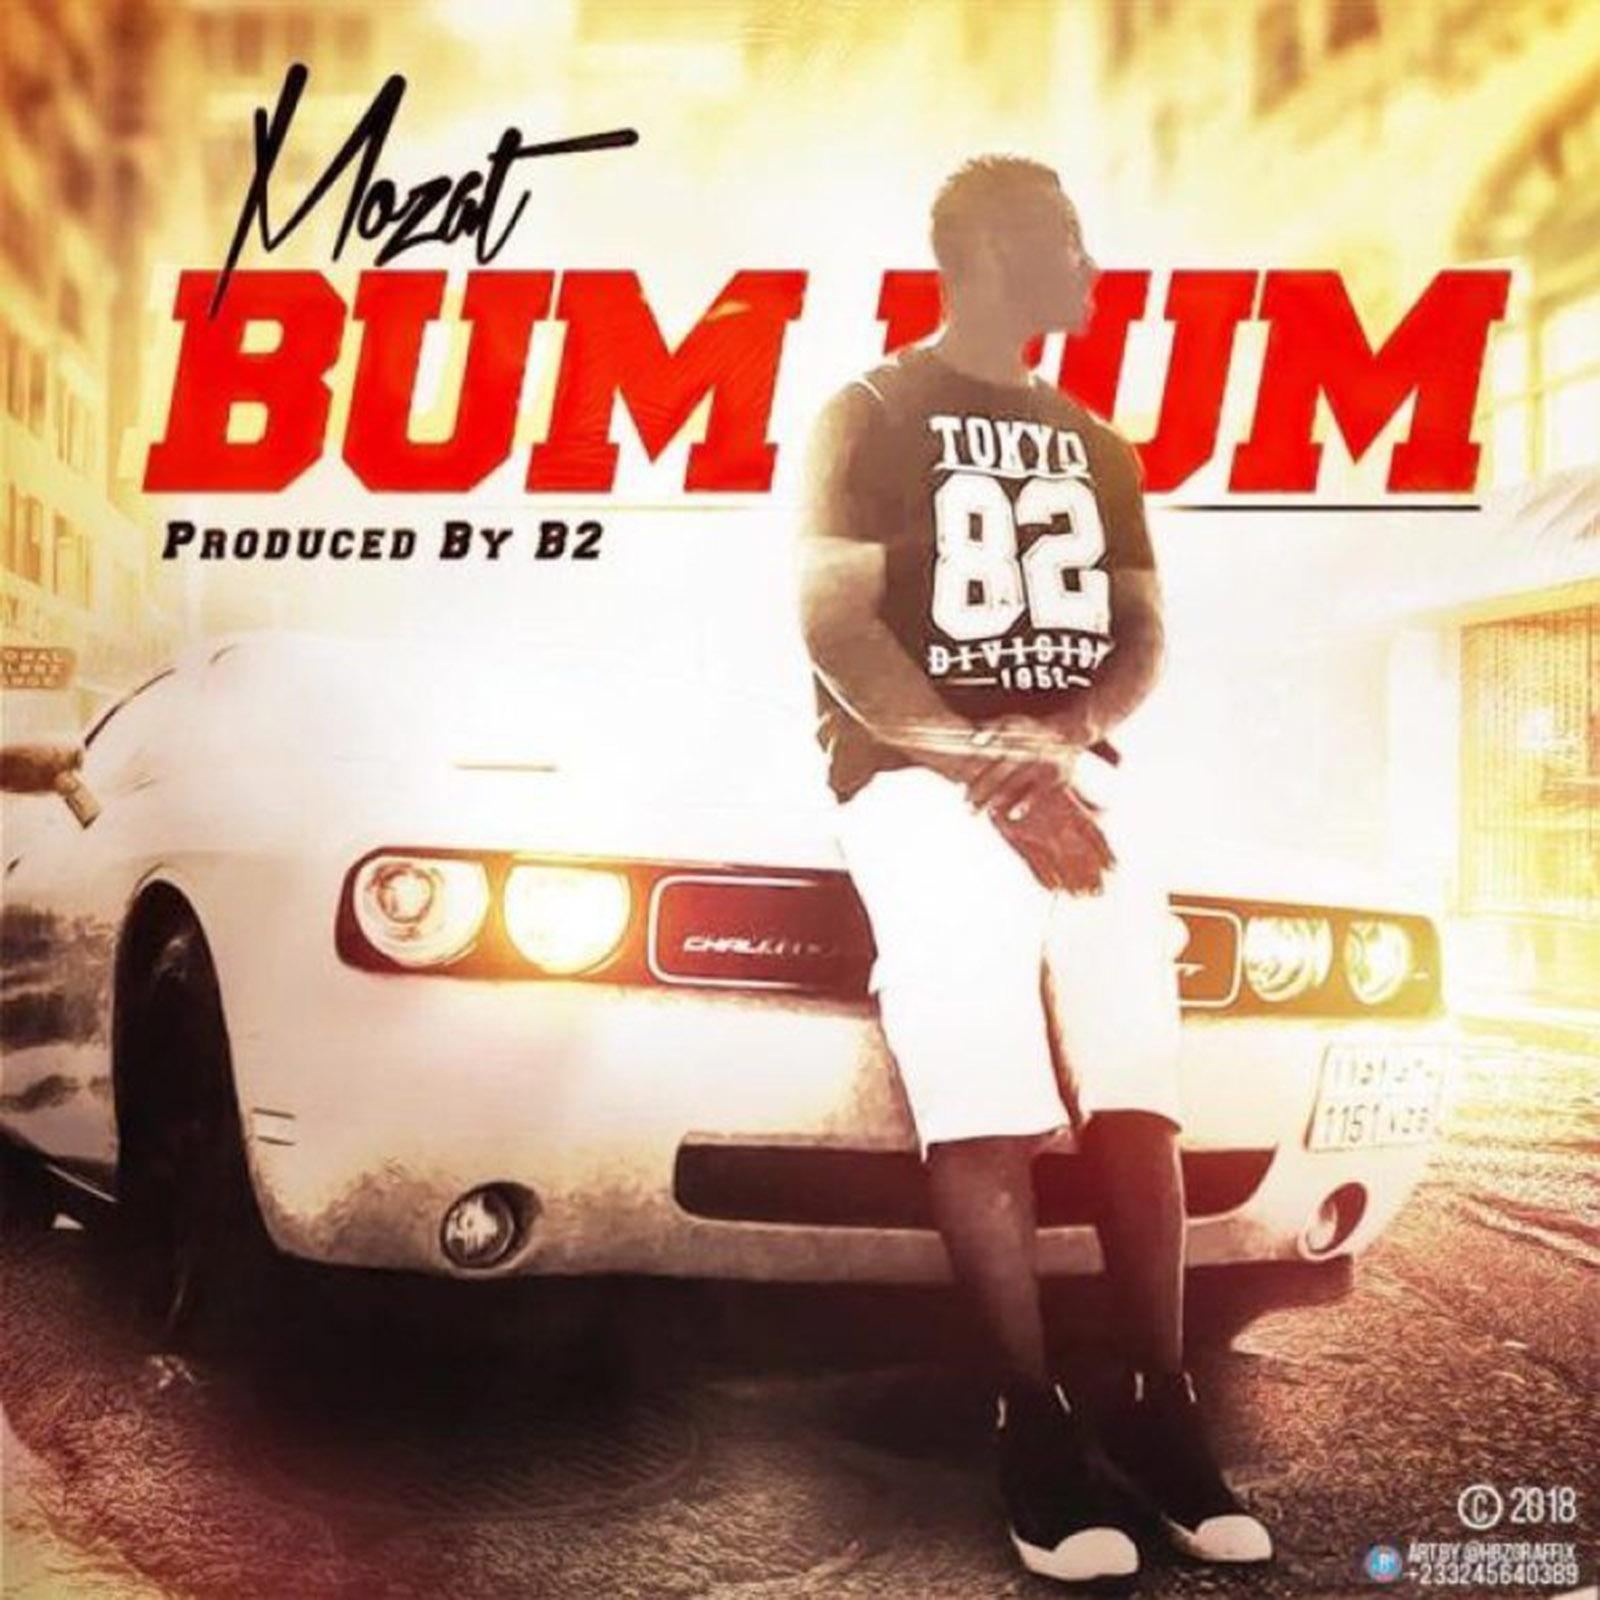 Bum Bum by Mozat